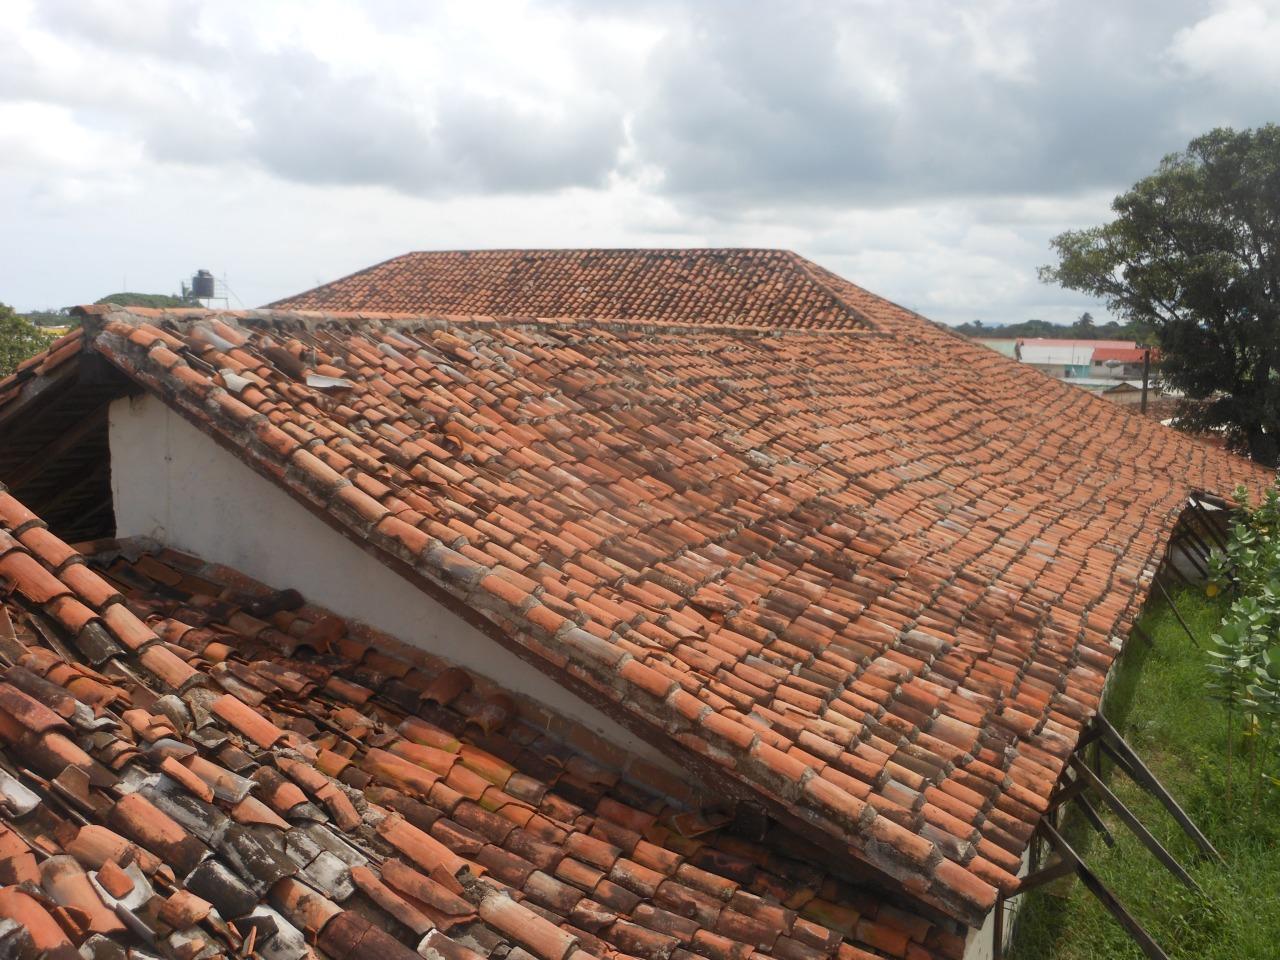 Nuevos da os en el tejado de la casa hacienda santa rsula - Clases de tejas para tejados ...